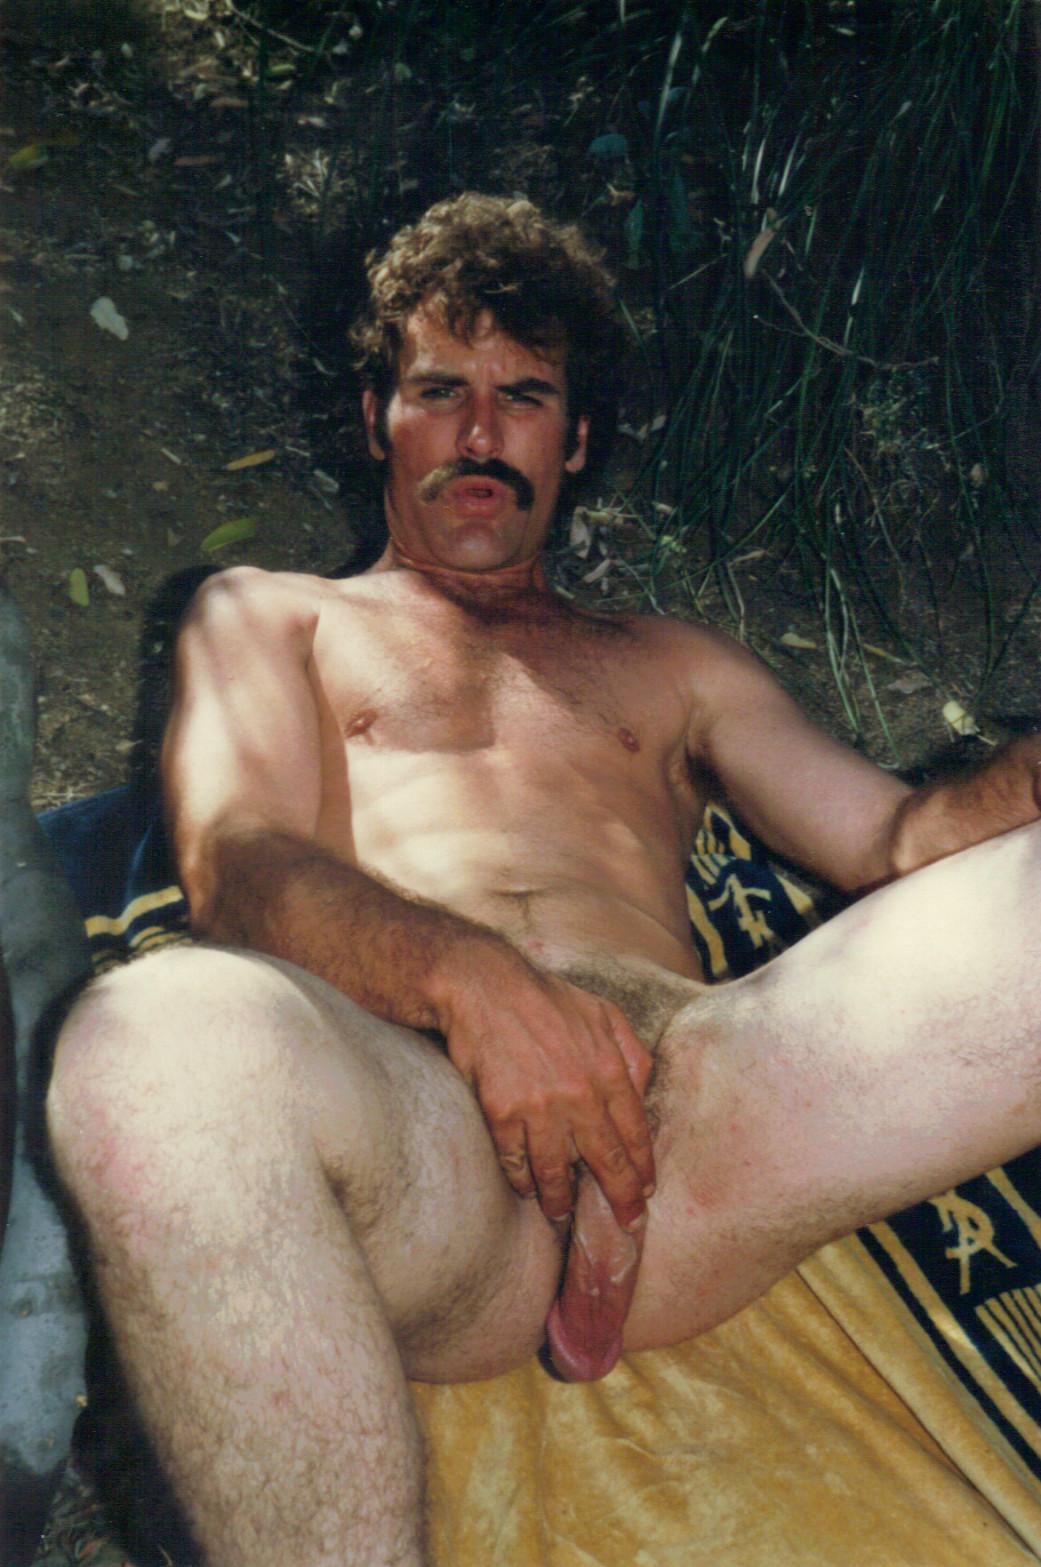 porn Doug weston gay